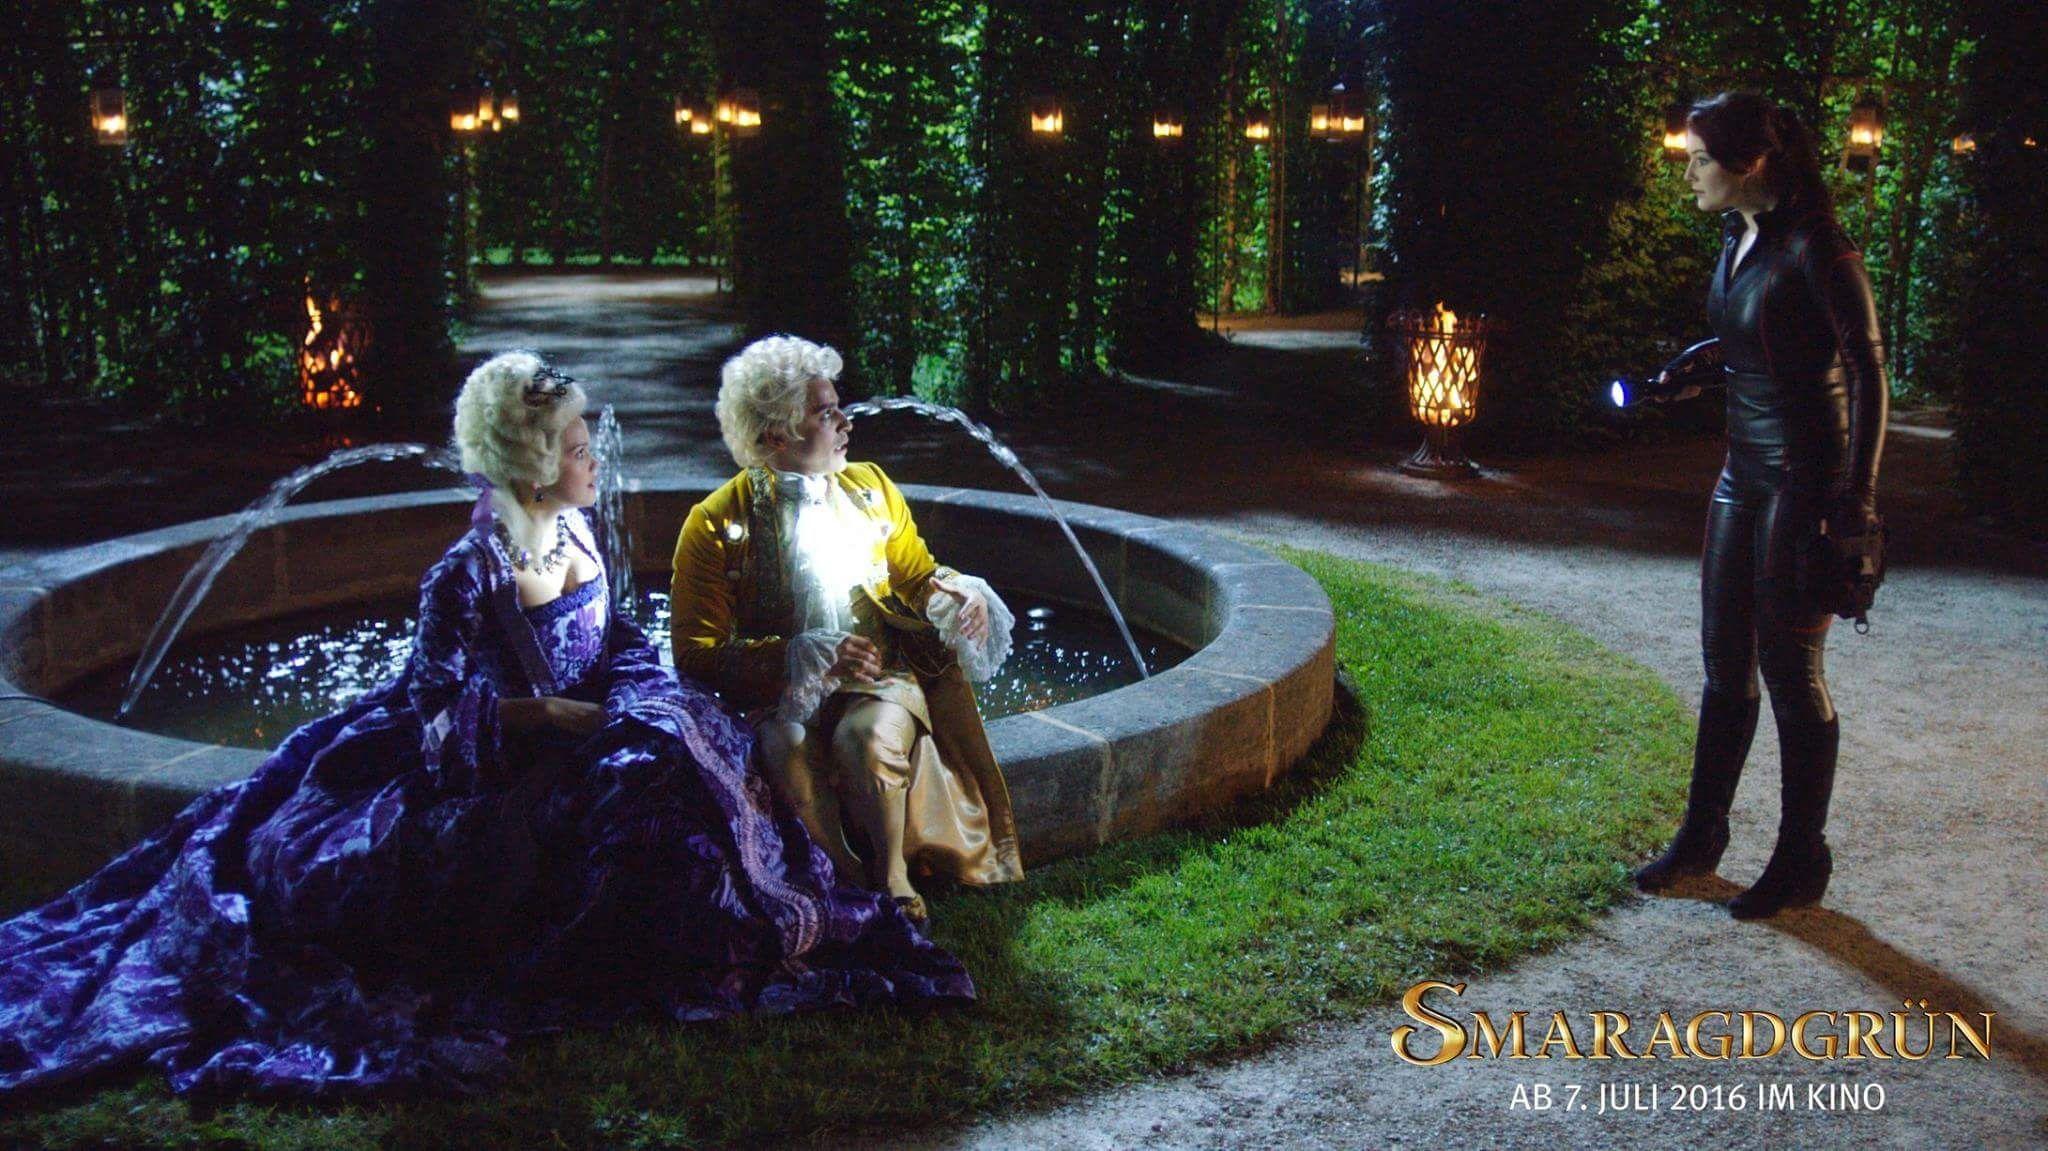 Lady Amalia Smaragdgrün